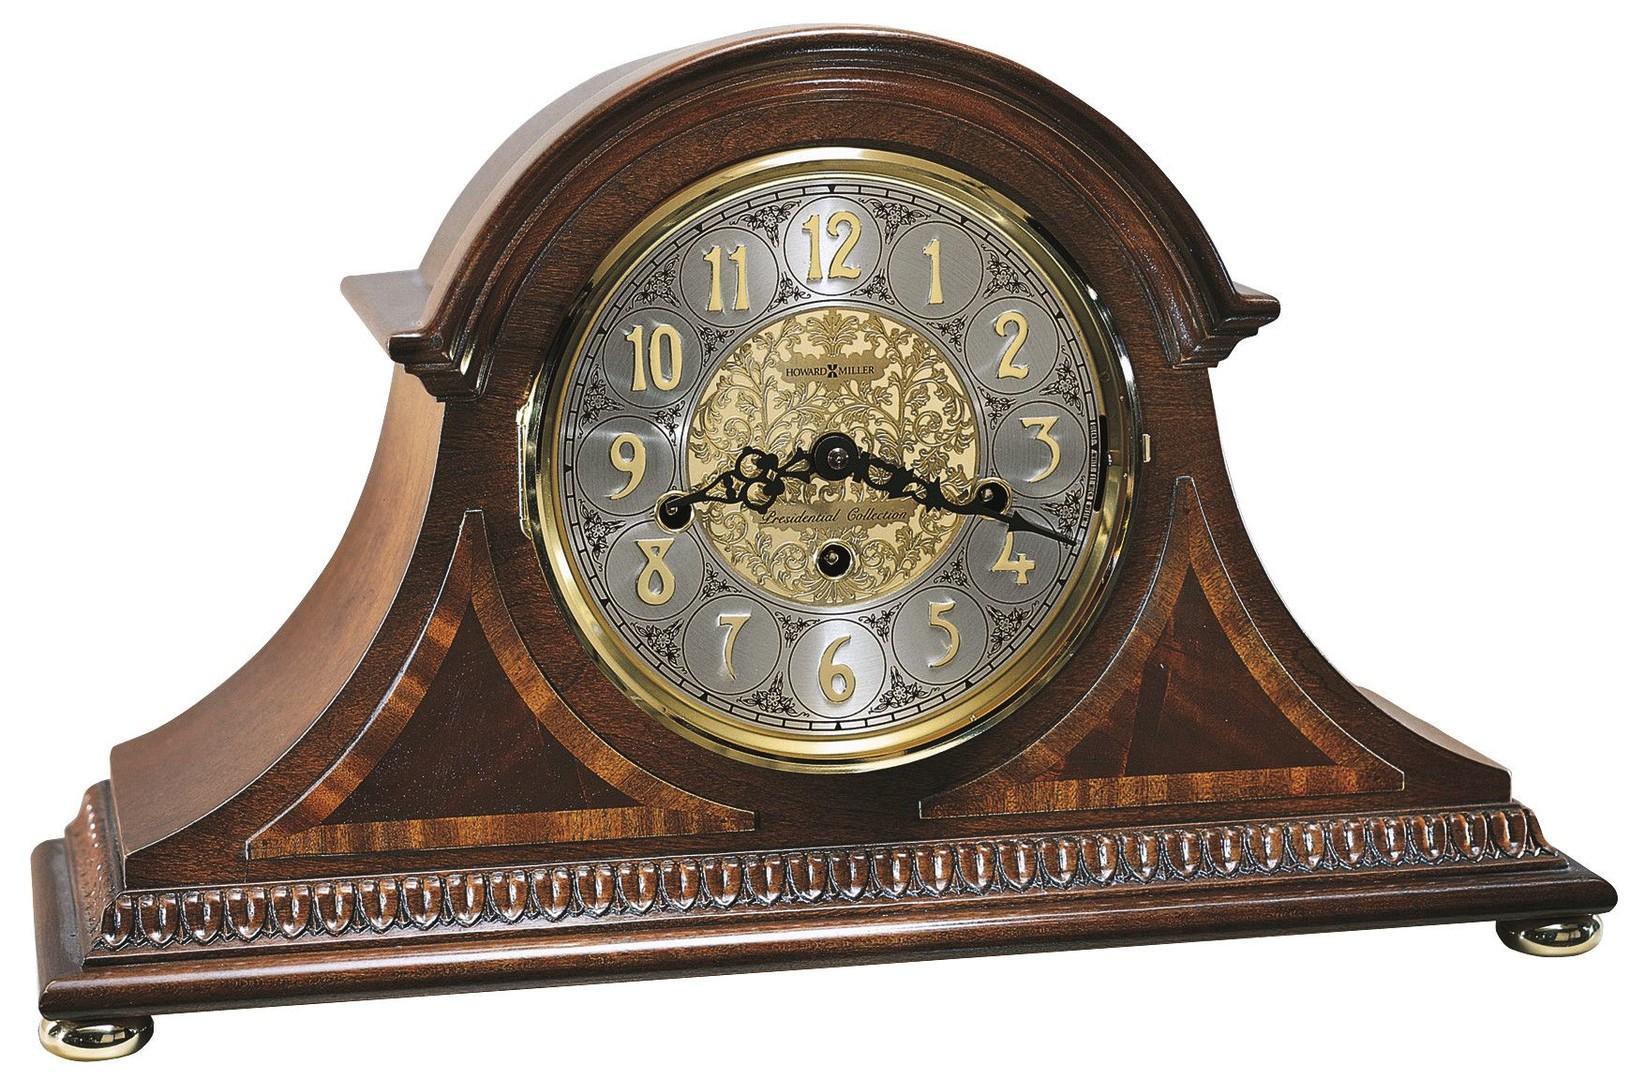 фото часы на фотографии радиаторная